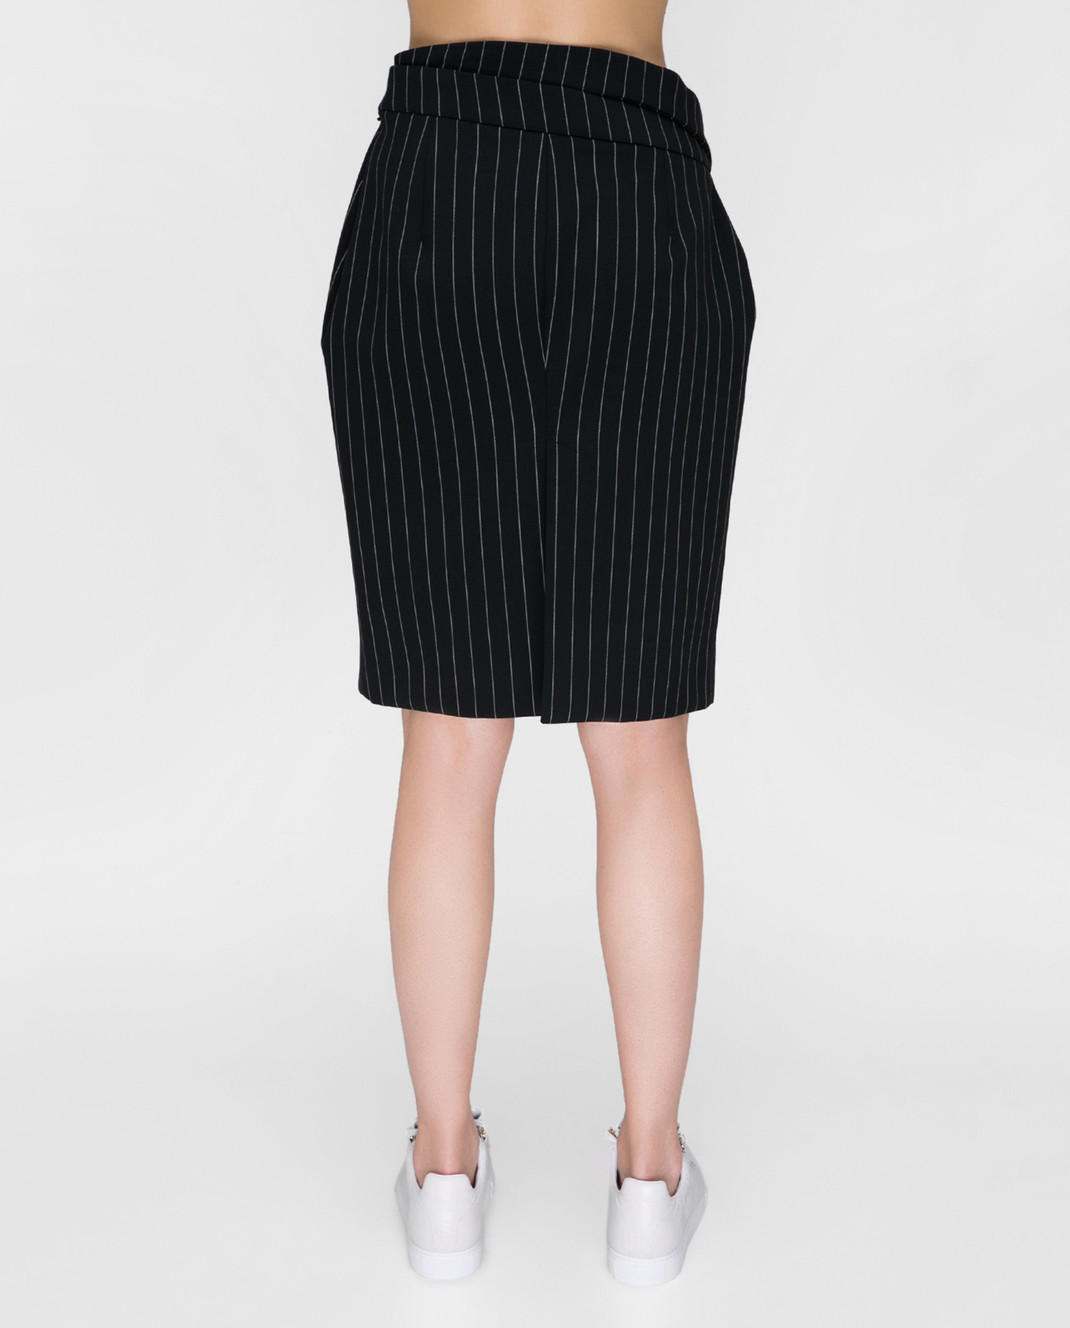 Balenciaga Черная юбка 471020 изображение 4